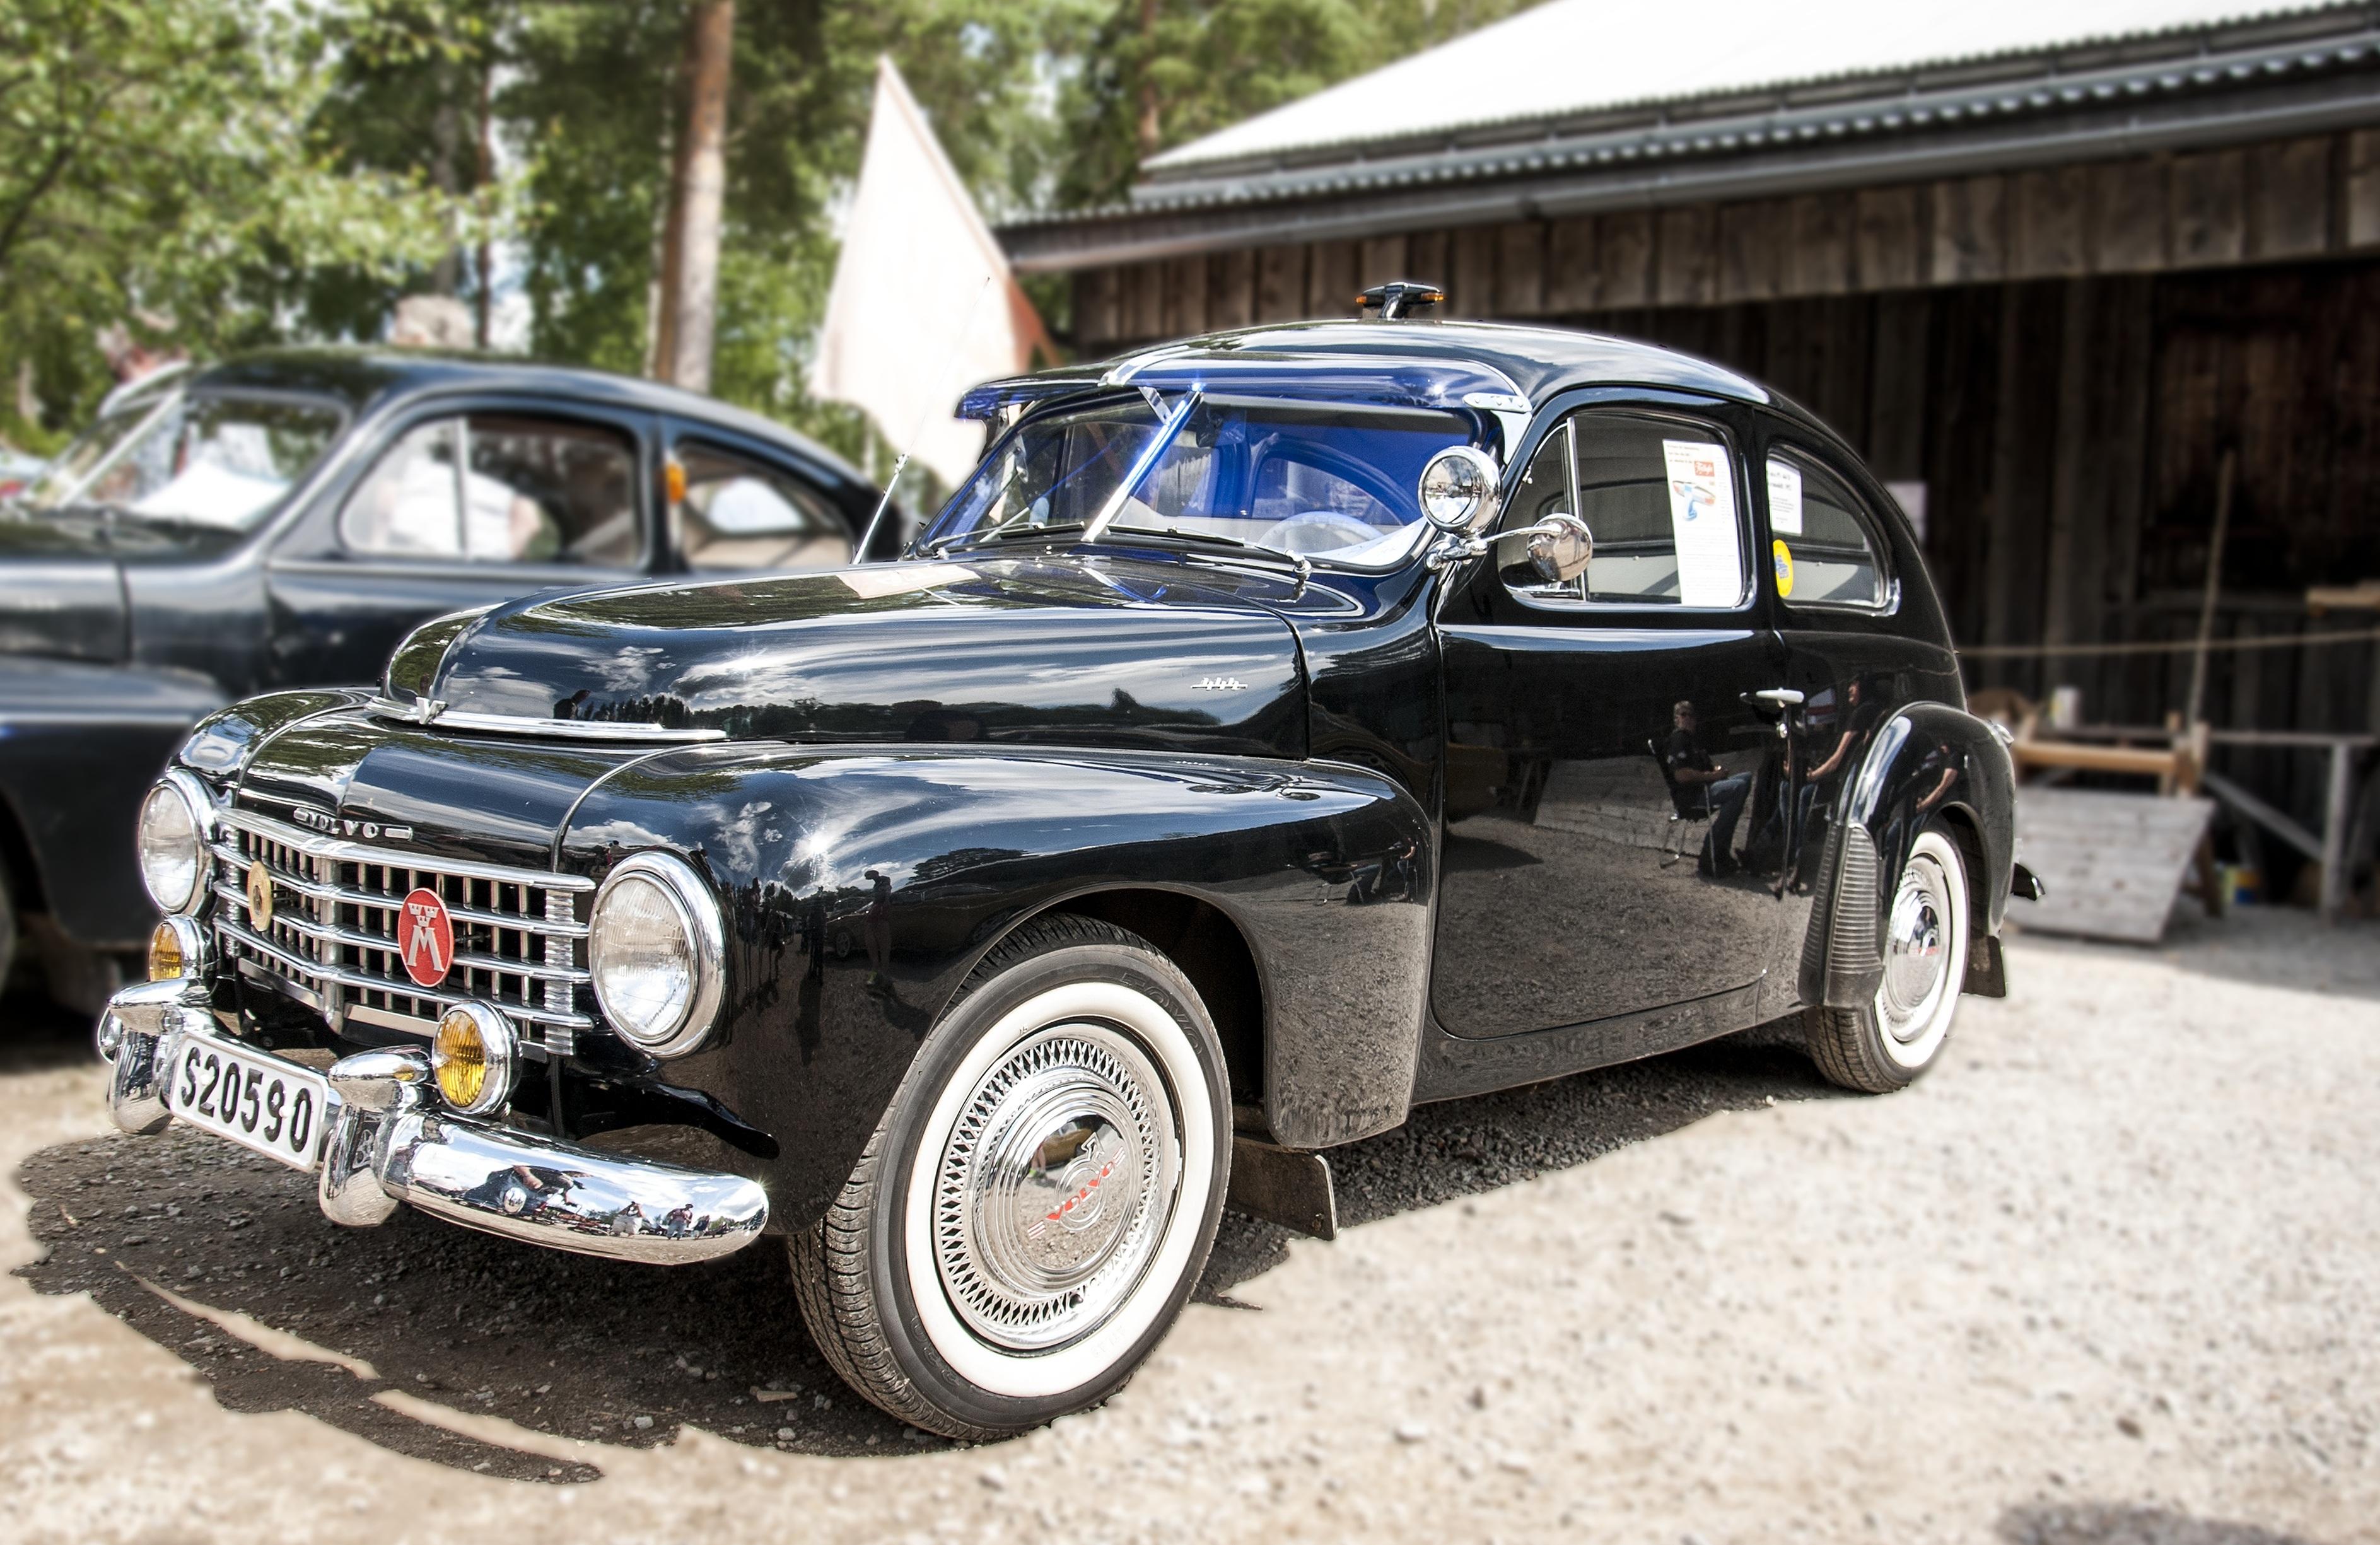 images gratuites vieux voiture classique voiture de sport v hicule moteur voiture. Black Bedroom Furniture Sets. Home Design Ideas